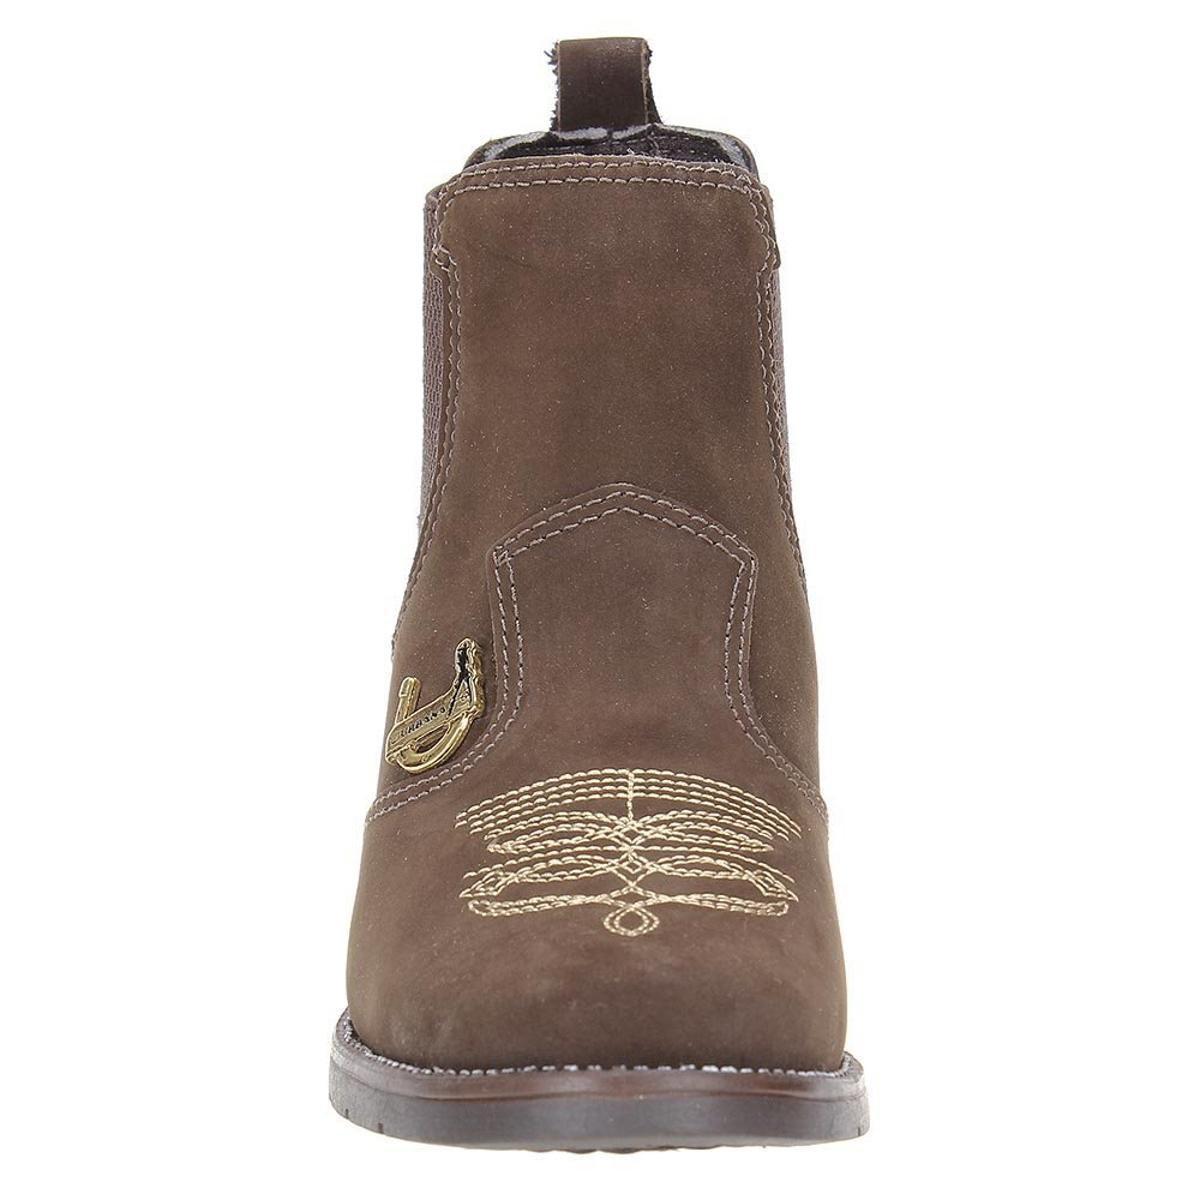 Bota Couro Urbana Boots Feminina - Marrom